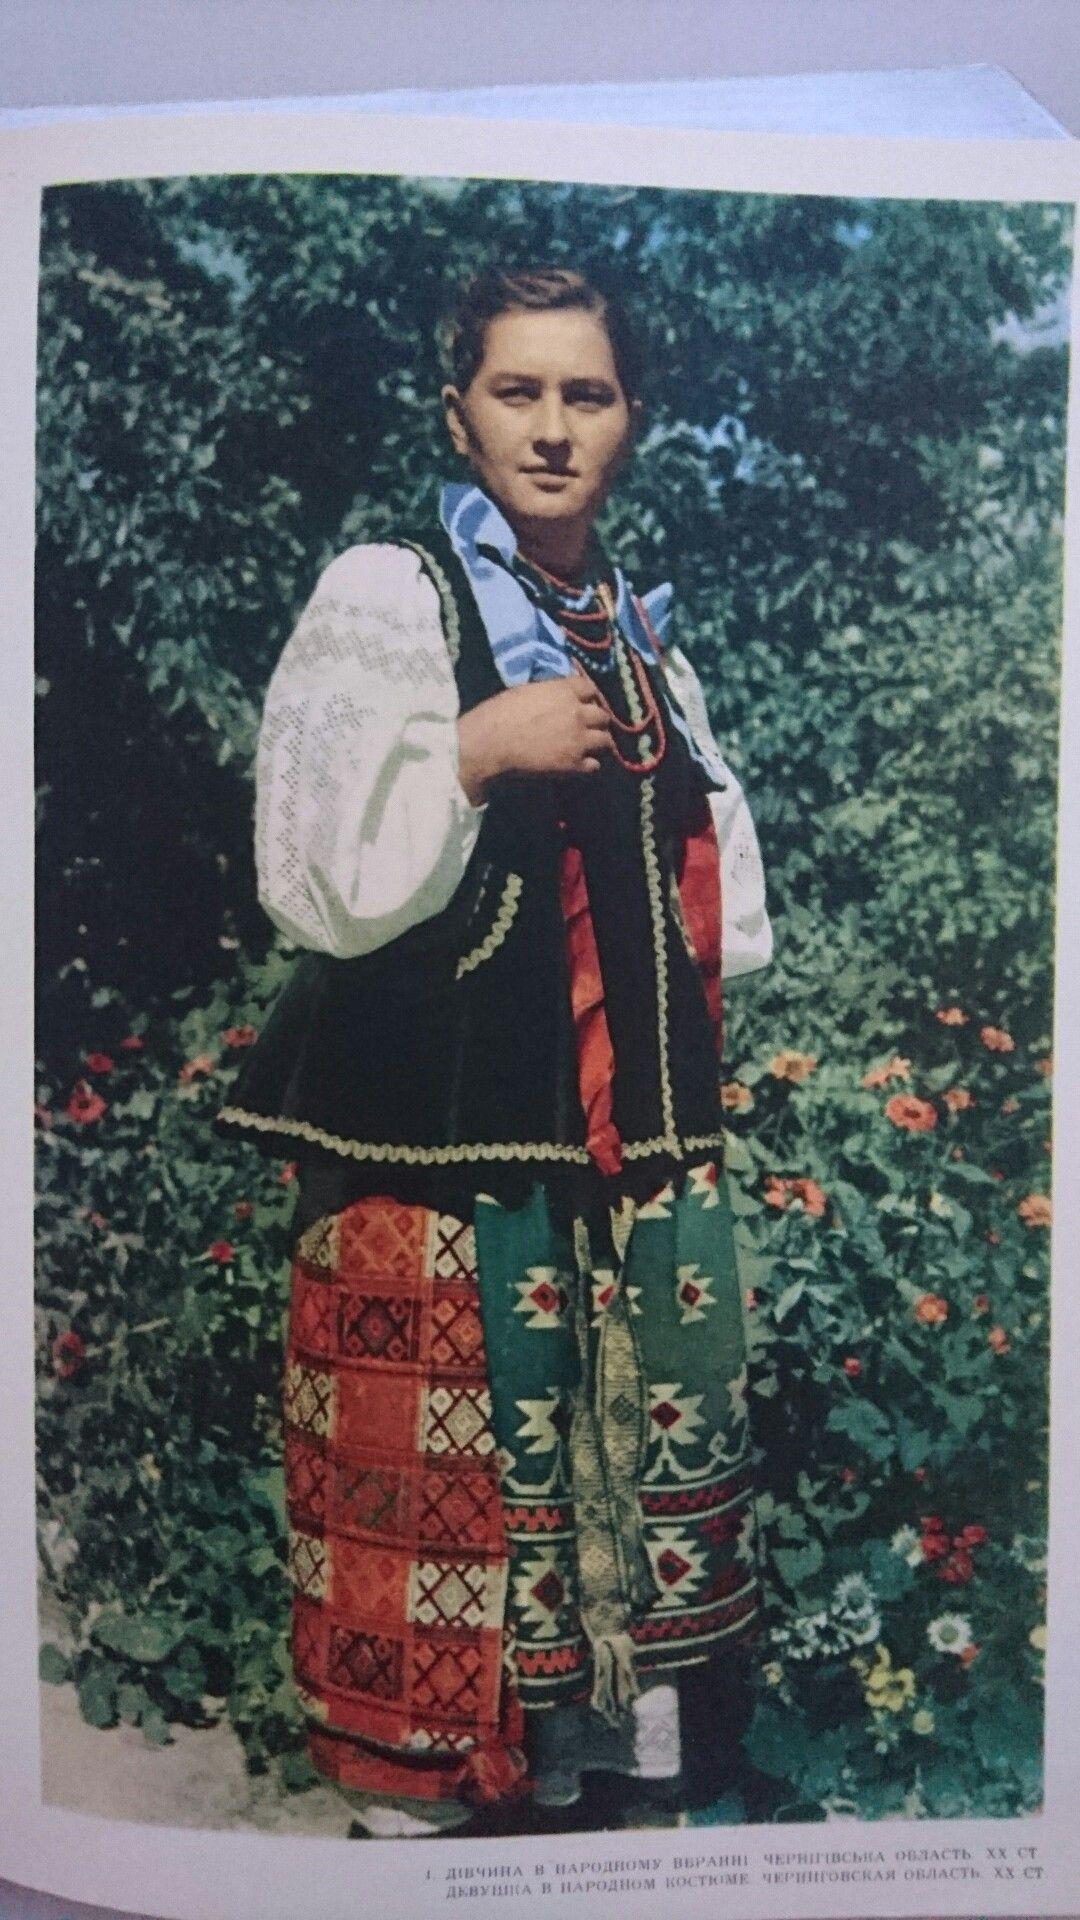 Дівчина в народному вбранні.Чернігівська обл, ХХ ст. EthnoKAVA